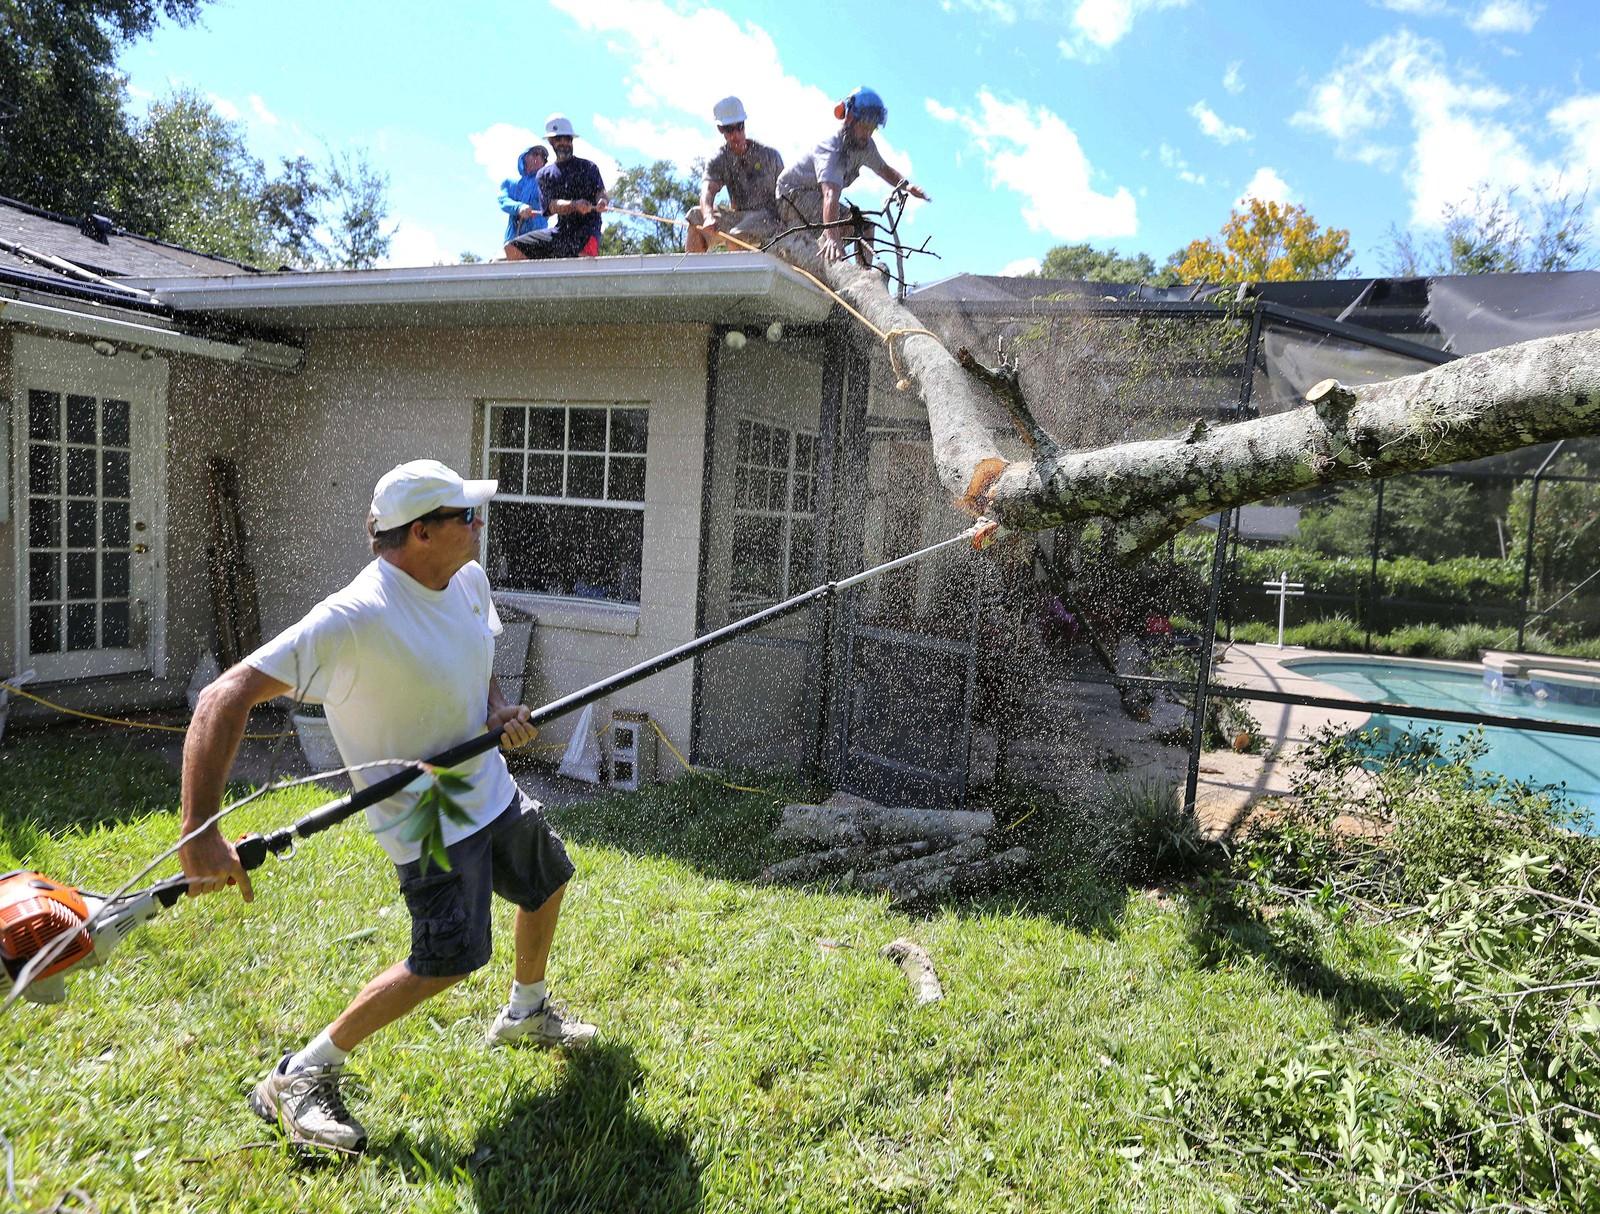 Tim Muench rydder opp i en hage i Maitland, Florida, søndag.